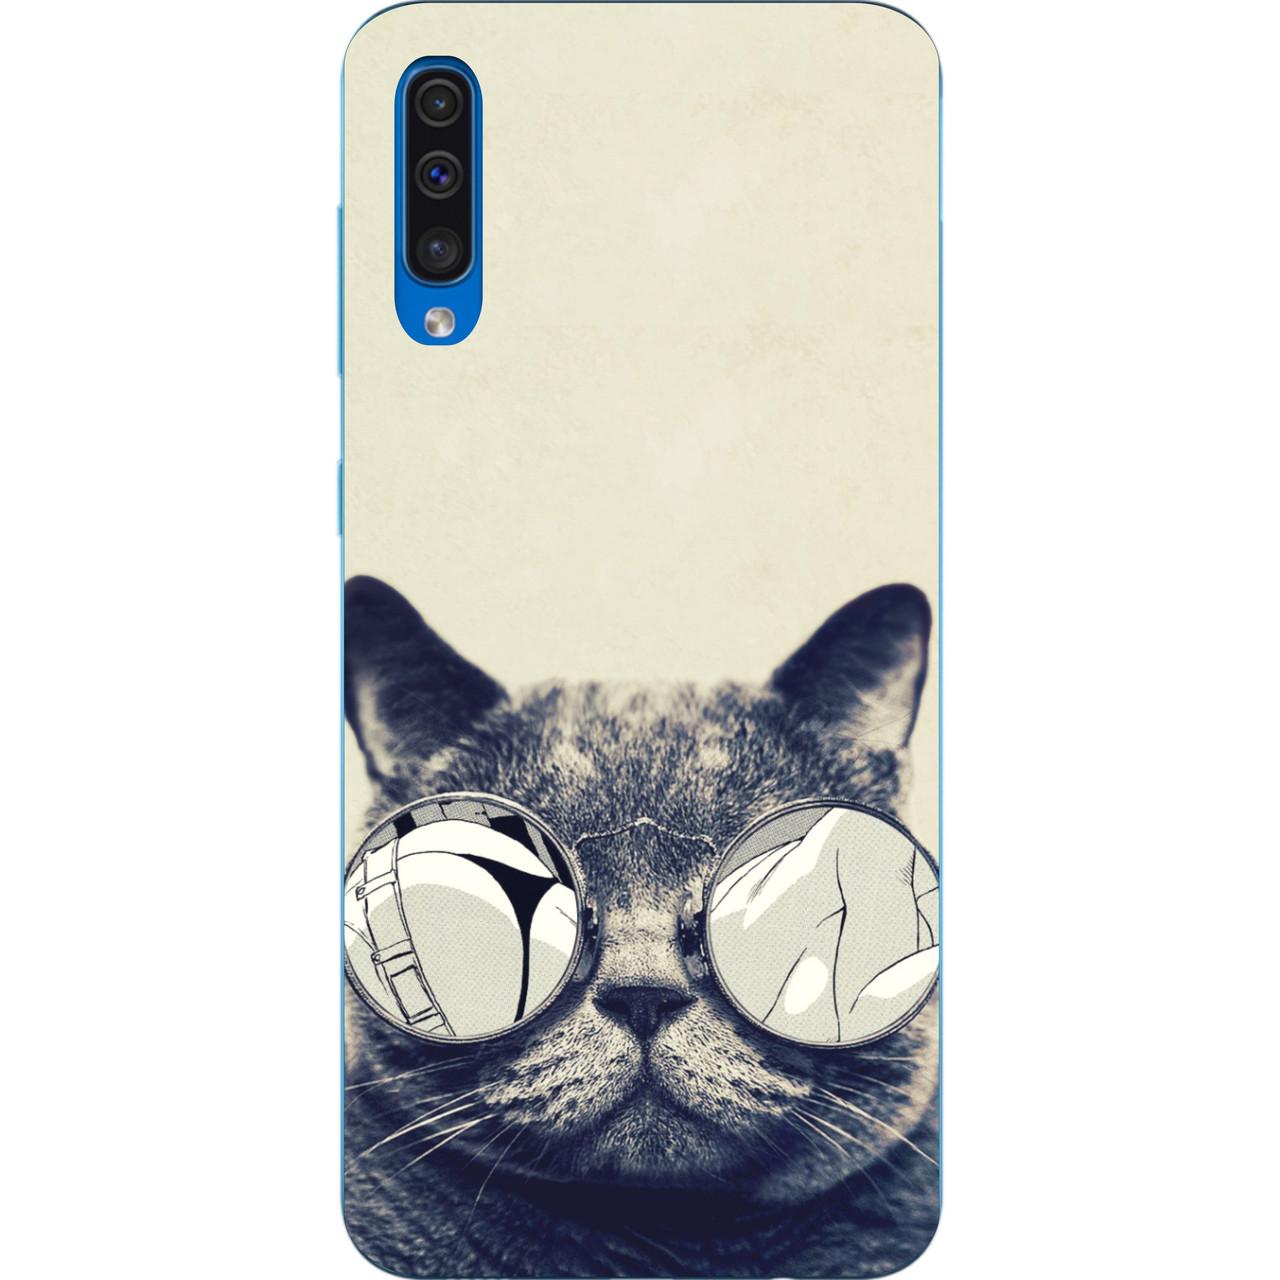 Бампер силиконовый чехол для Samsung Galaxy A50 2019 A505F с картинкой Серый кот в очках